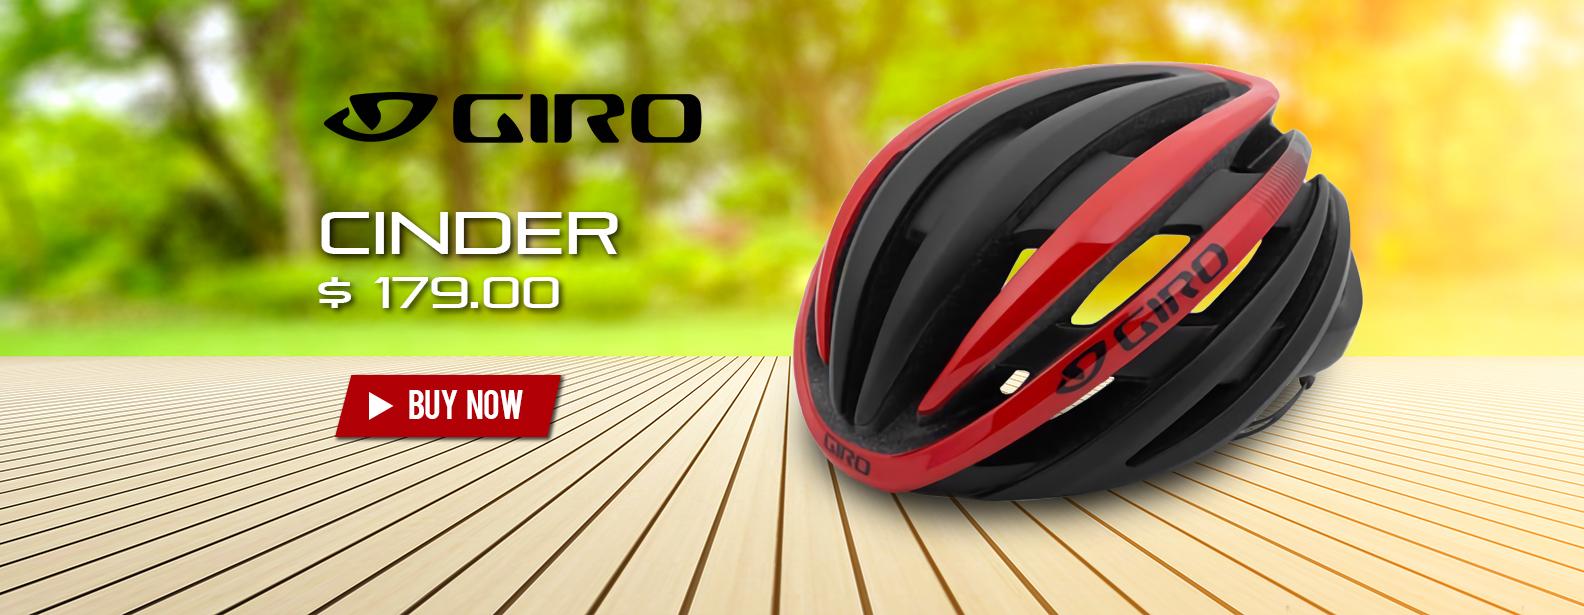 Giro Cinder Bike Helmet